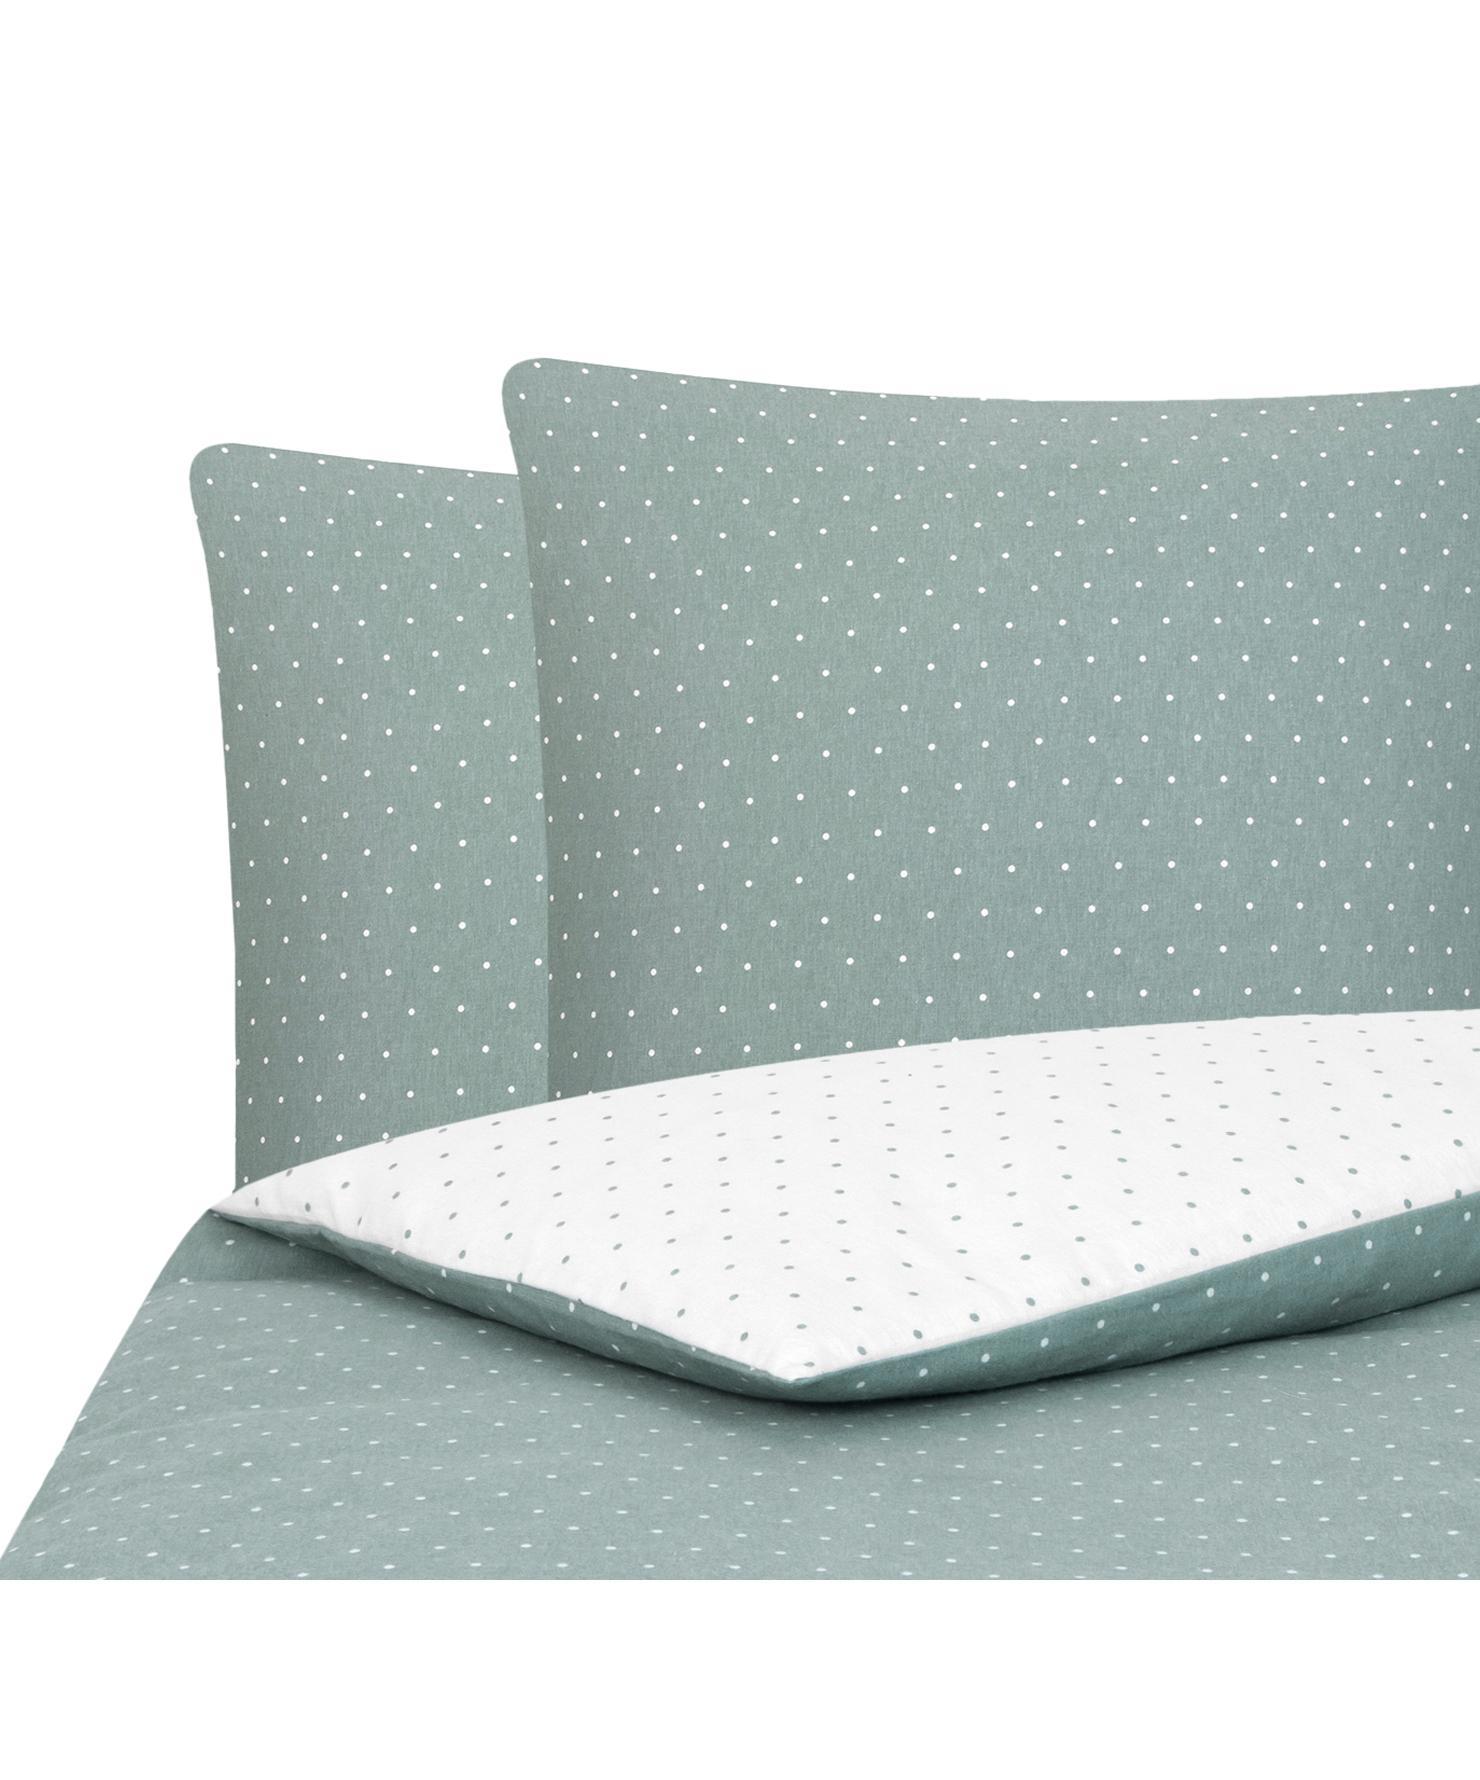 Flanell-Wendebettwäsche Betty, gepunktet, Webart: Flanell Flanell ist ein s, Salbeigrün, Weiß, 200 x 200 cm + 2 Kissen 80 x 80 cm